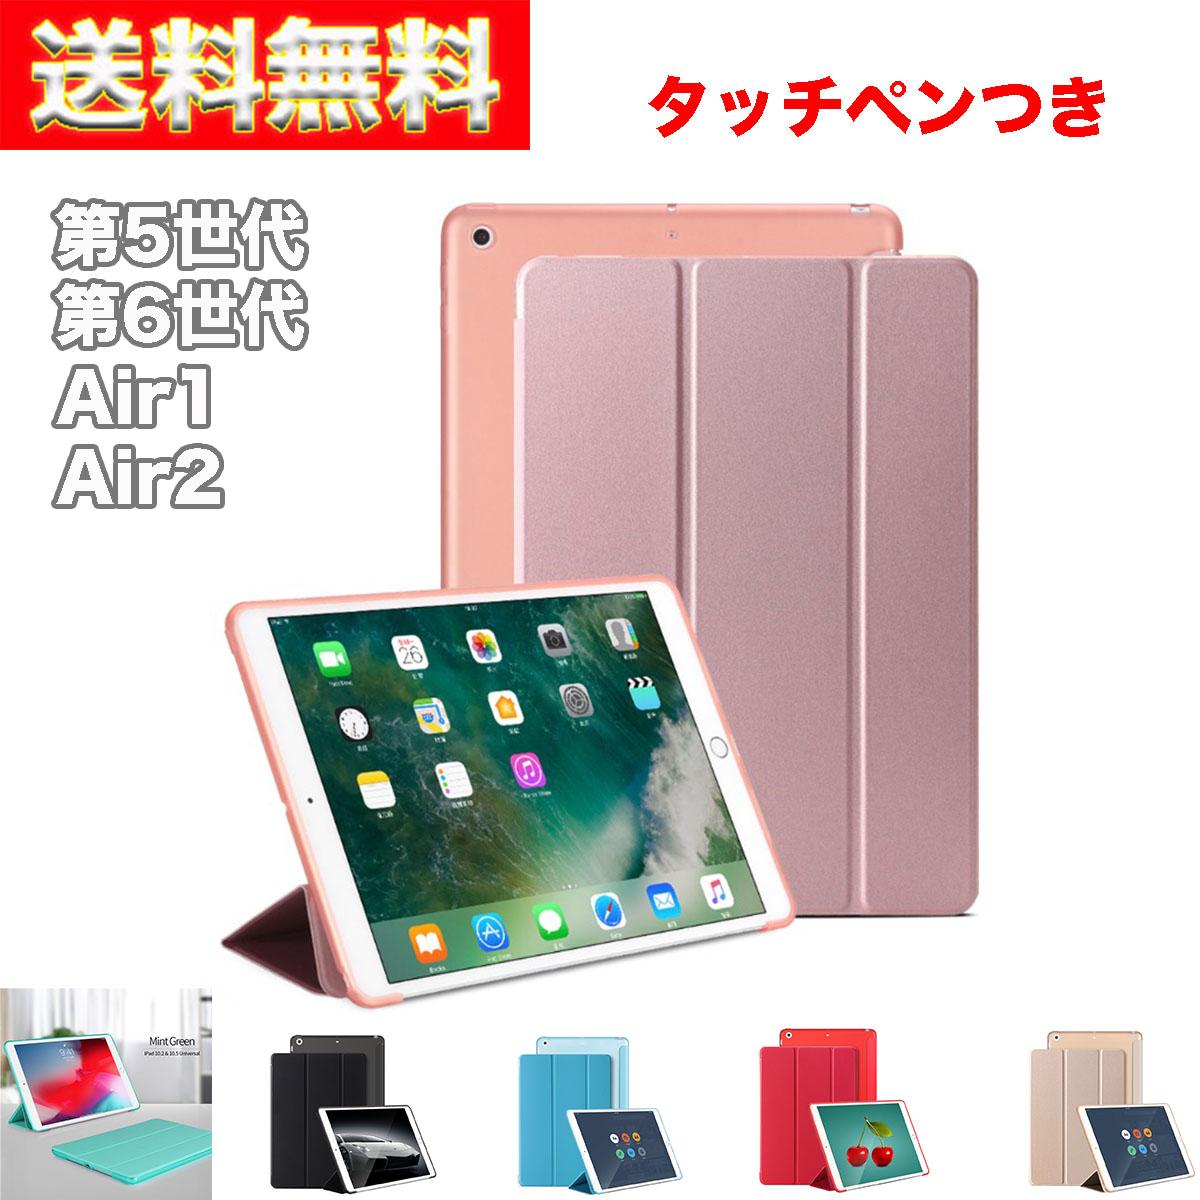 シリコンなのでわれない タッチペン付き iPad アイパッド 期間限定で特別価格 第5世代 第6世代 Air1 Air2 送料無料 iPadケース ケース やわらかいシリコン 9.7 スマート スリム アイパッドケース 軽量 オートスリープ機能付き 衝撃吸収 2018 耐衝撃 スタンド 通販 全面保護 Apple 2017 使いやすい